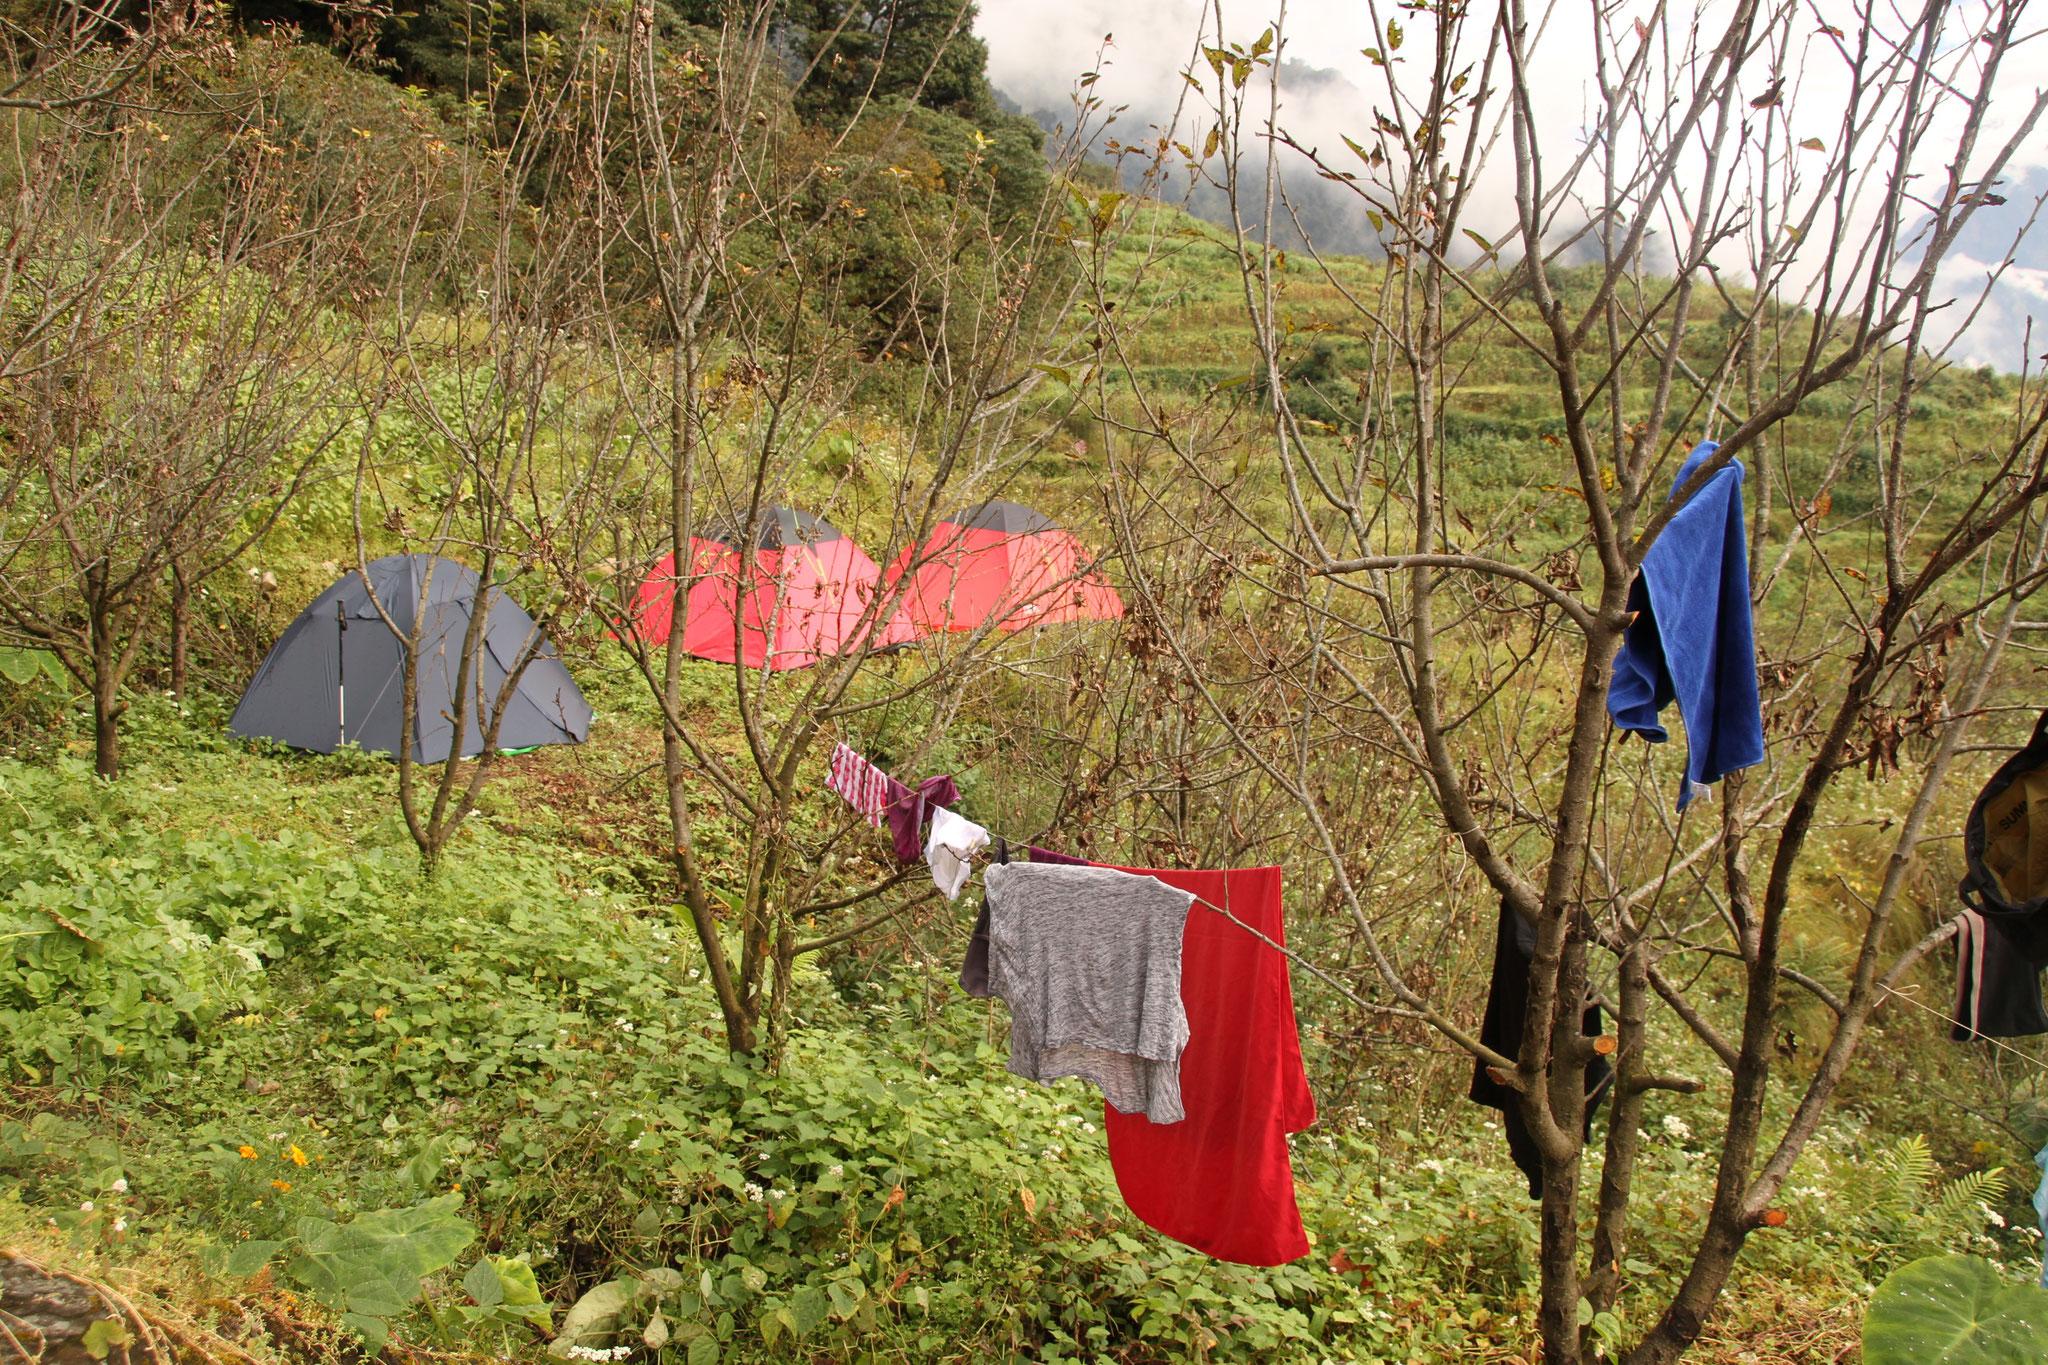 das Zeltlager der Besucher